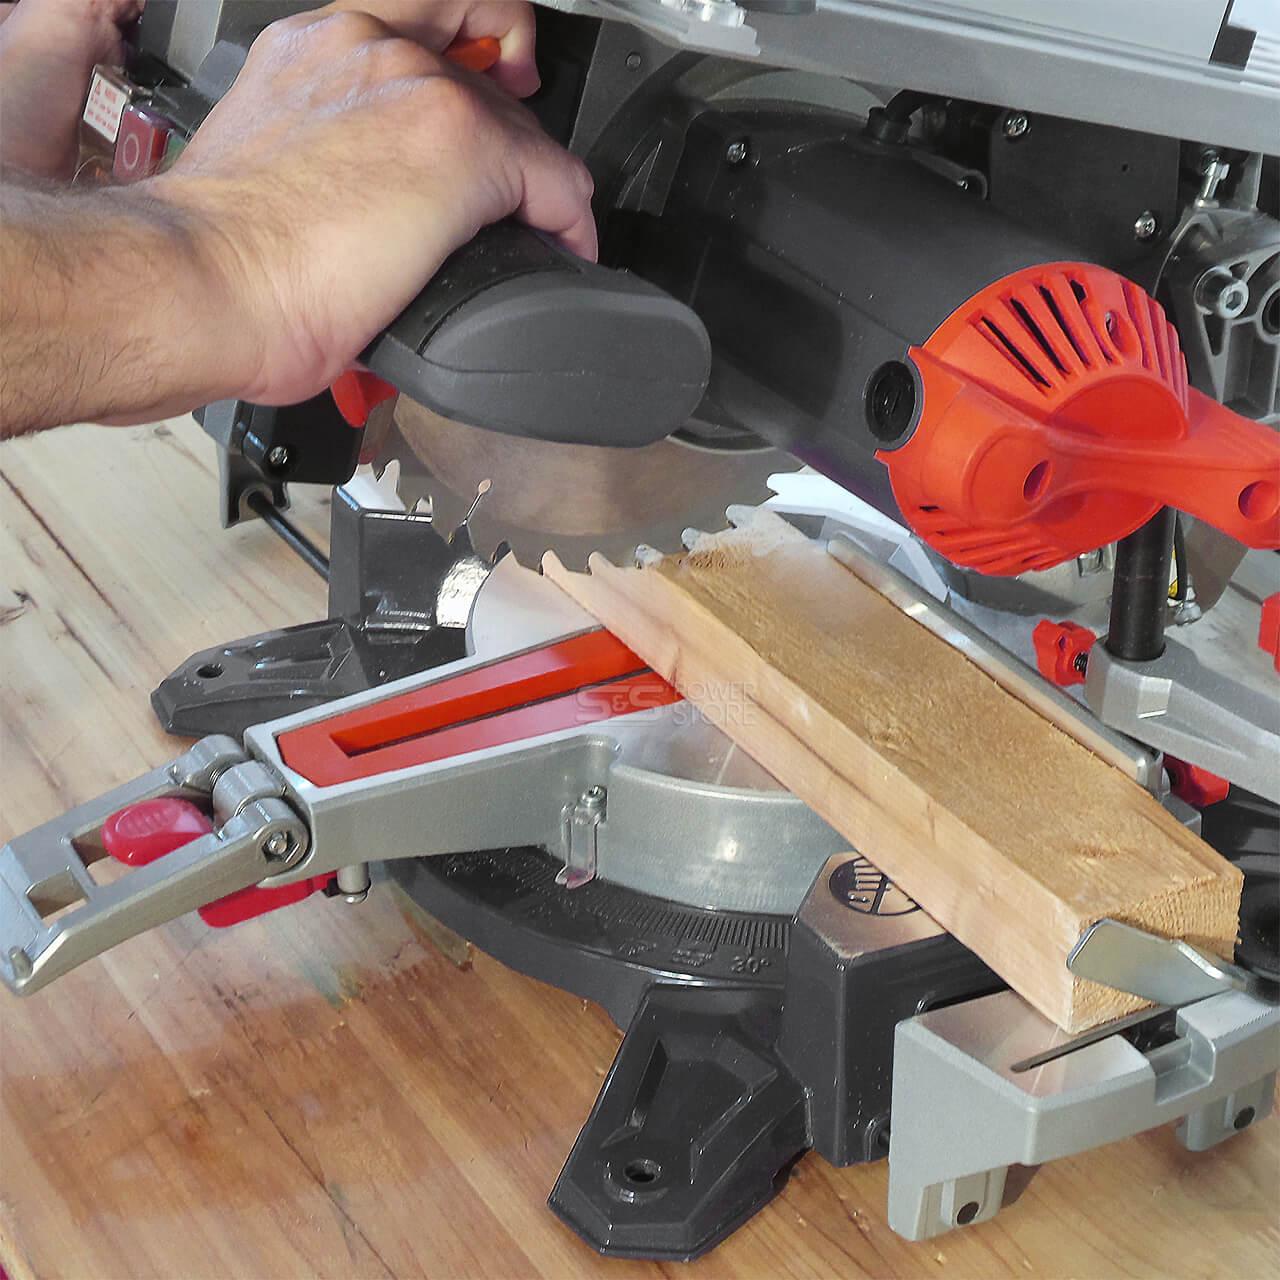 Details zu Kappsäge Gehrungssäge Tischkreissäge Matrix Kombi Säge MTS 2050 216 Laser Tisch